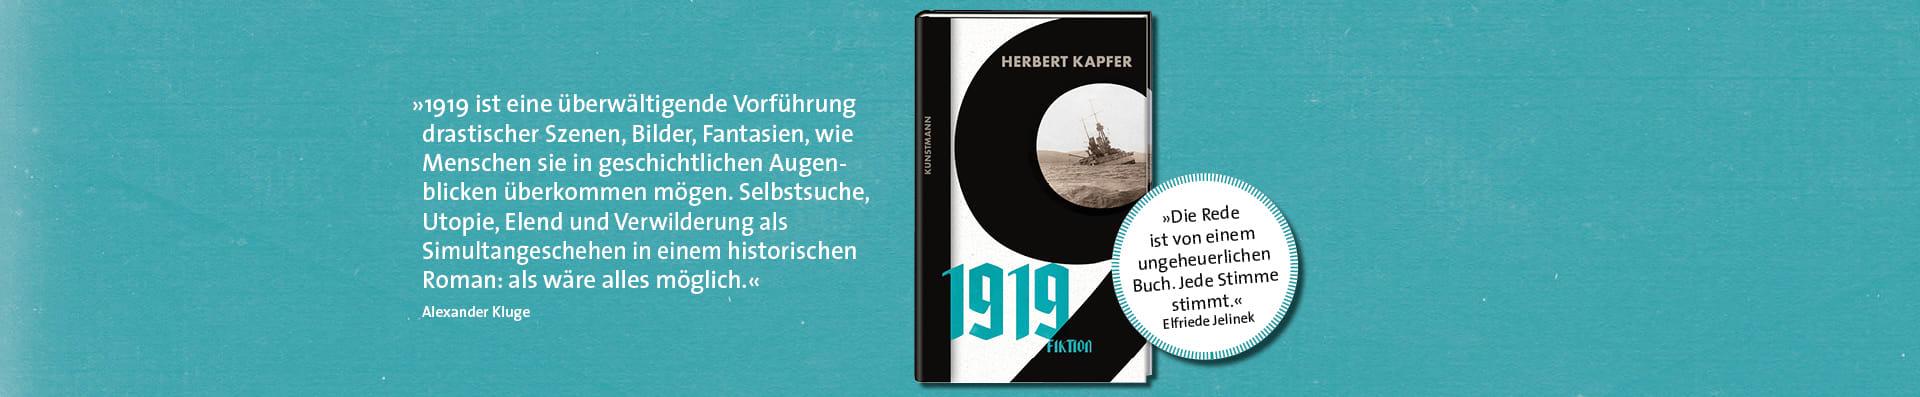 Herbert Kapfer – 1919 Fiktion